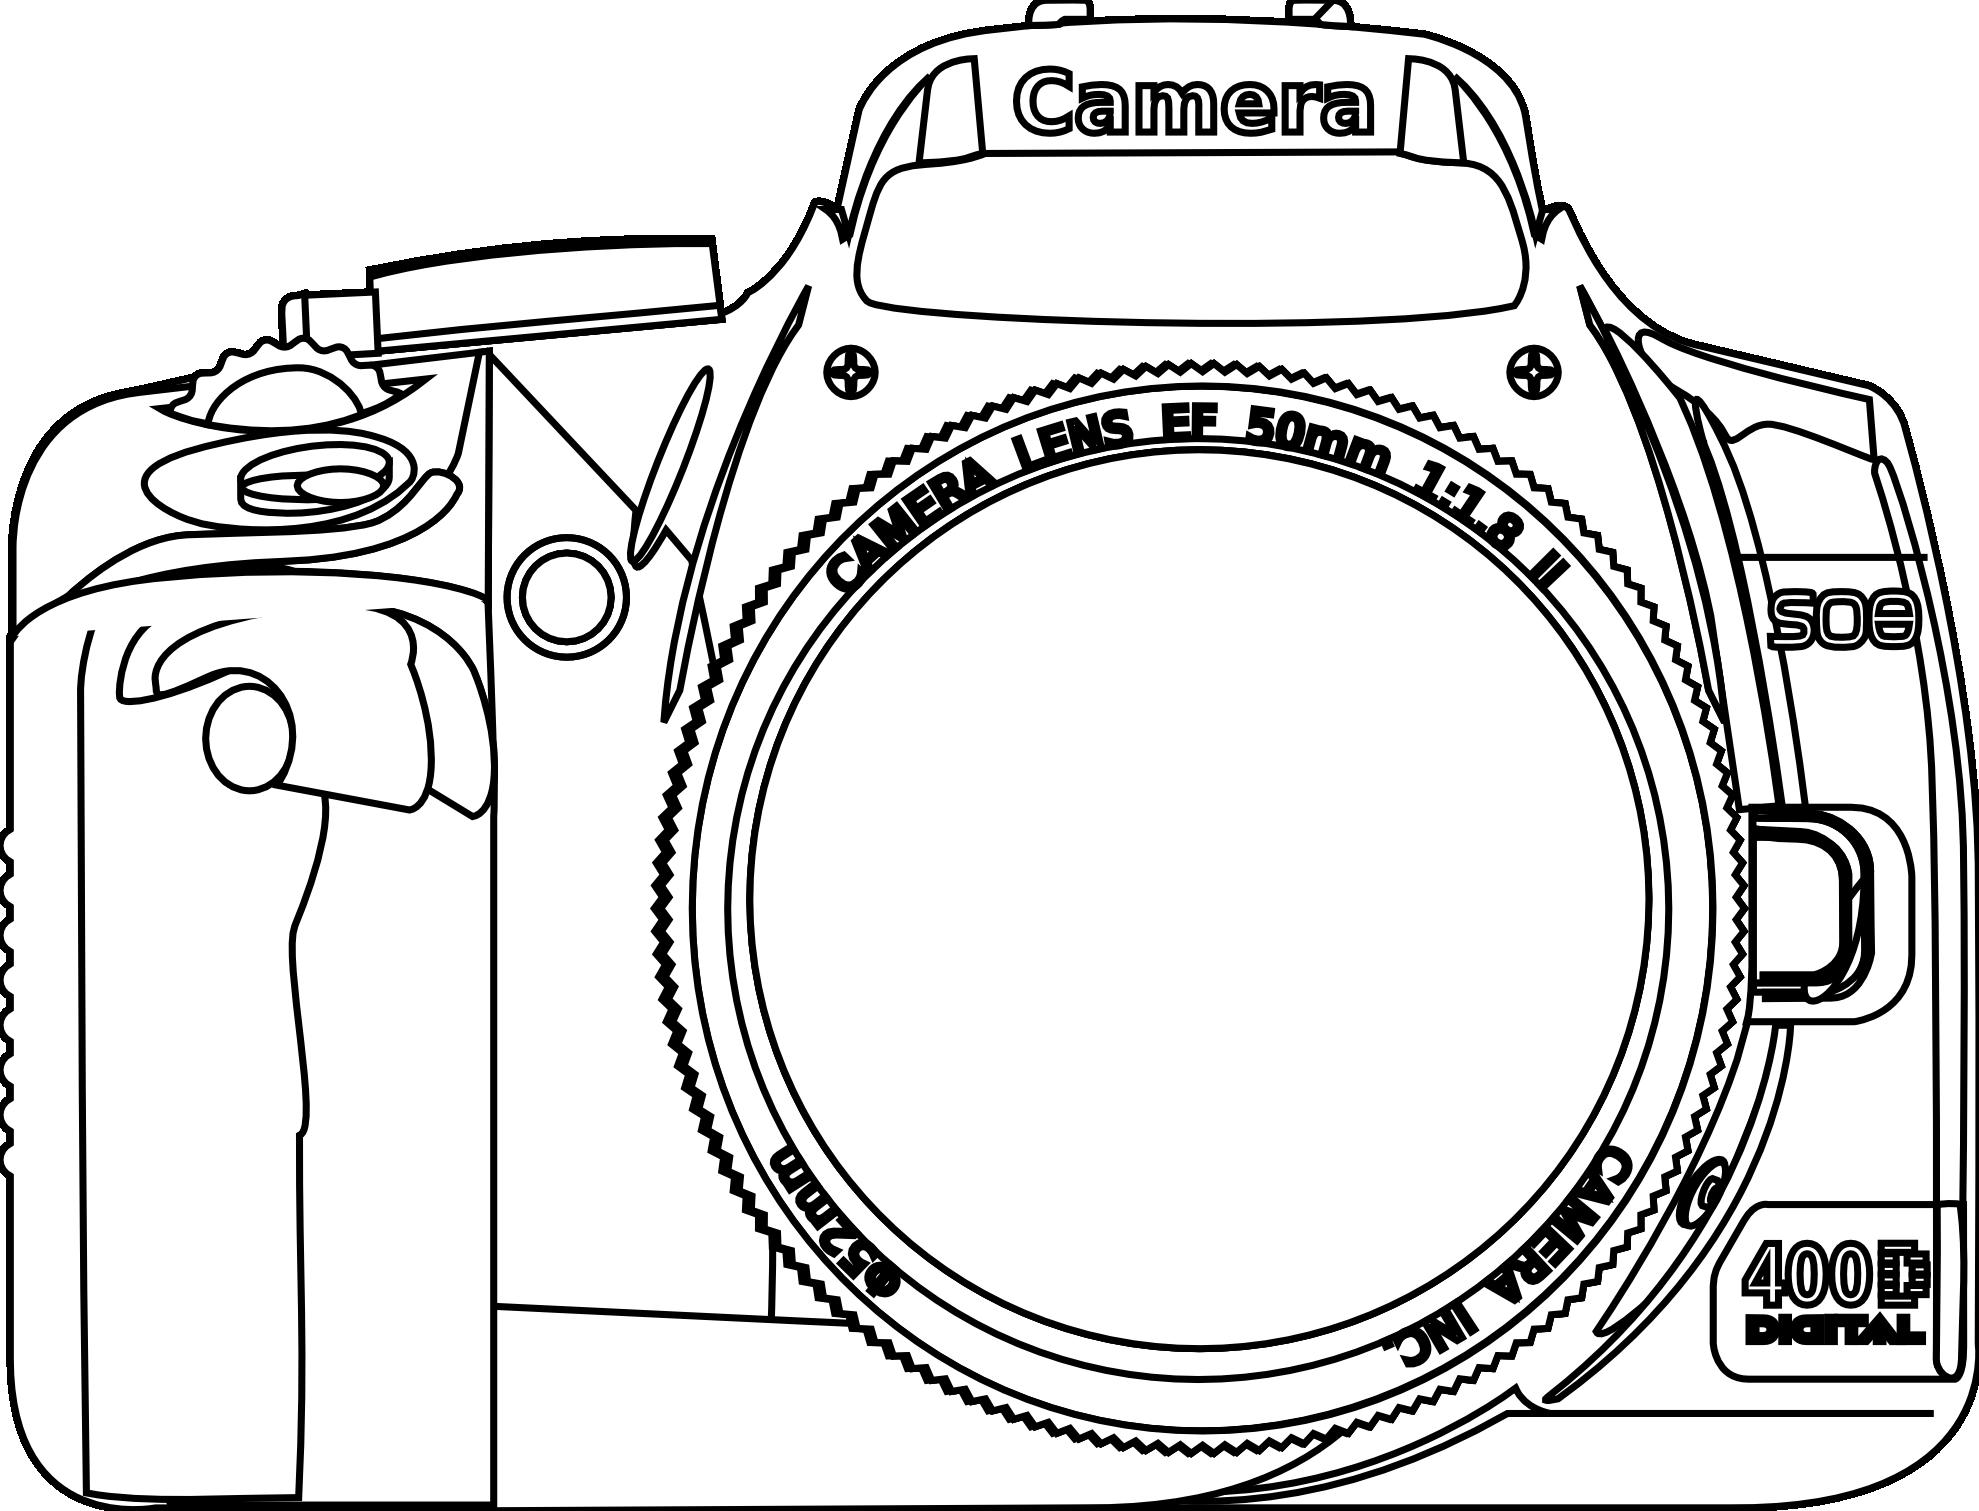 Image result for camera dslr vector #dslrcameravector.